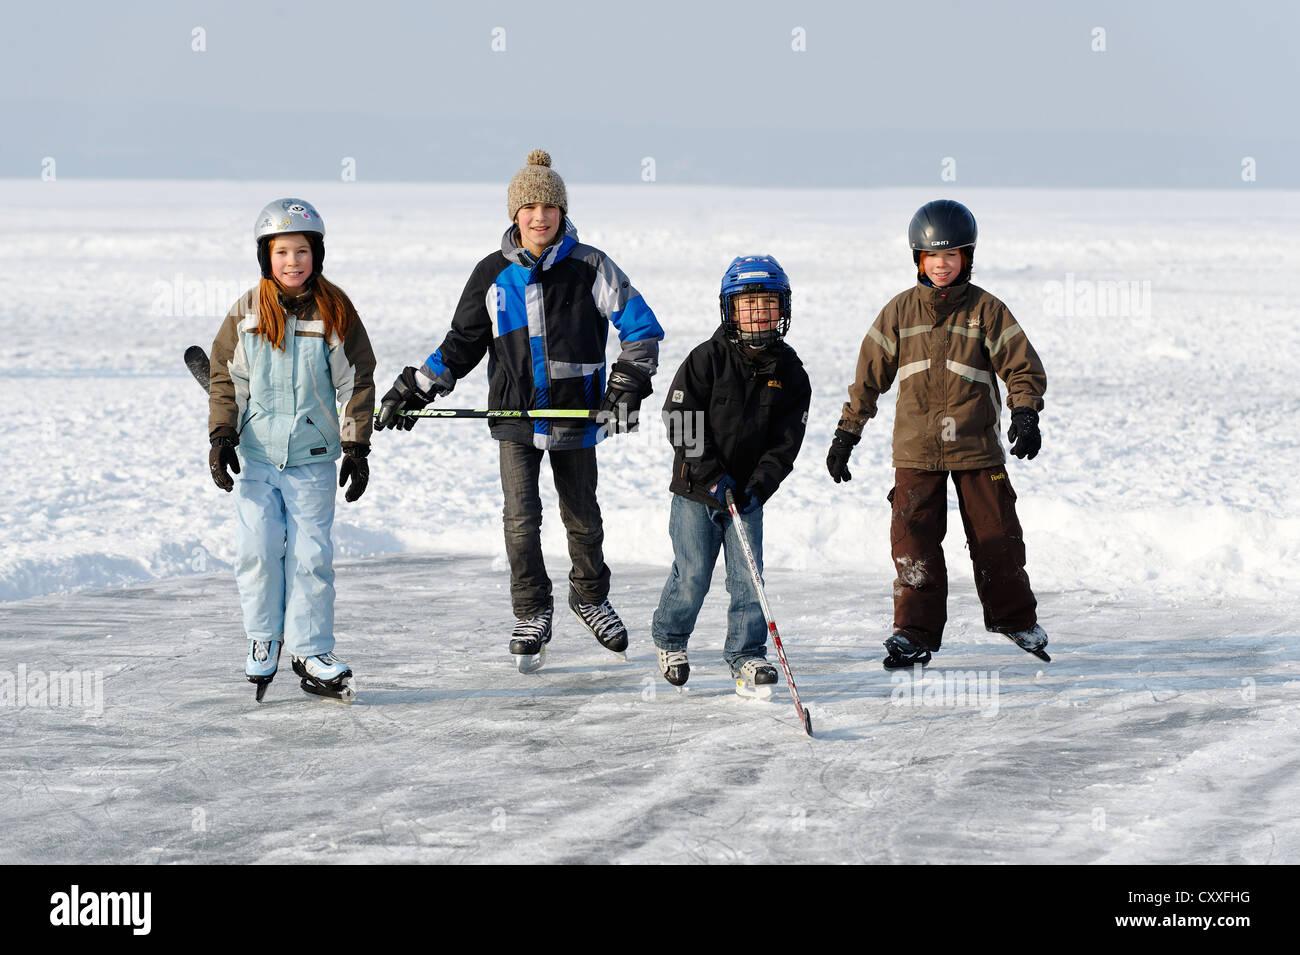 Les enfants jouer au hockey sur glace, près de Heinrich, le Lac de Starnberg, cinq lacs, Haute-Bavière, Photo Stock